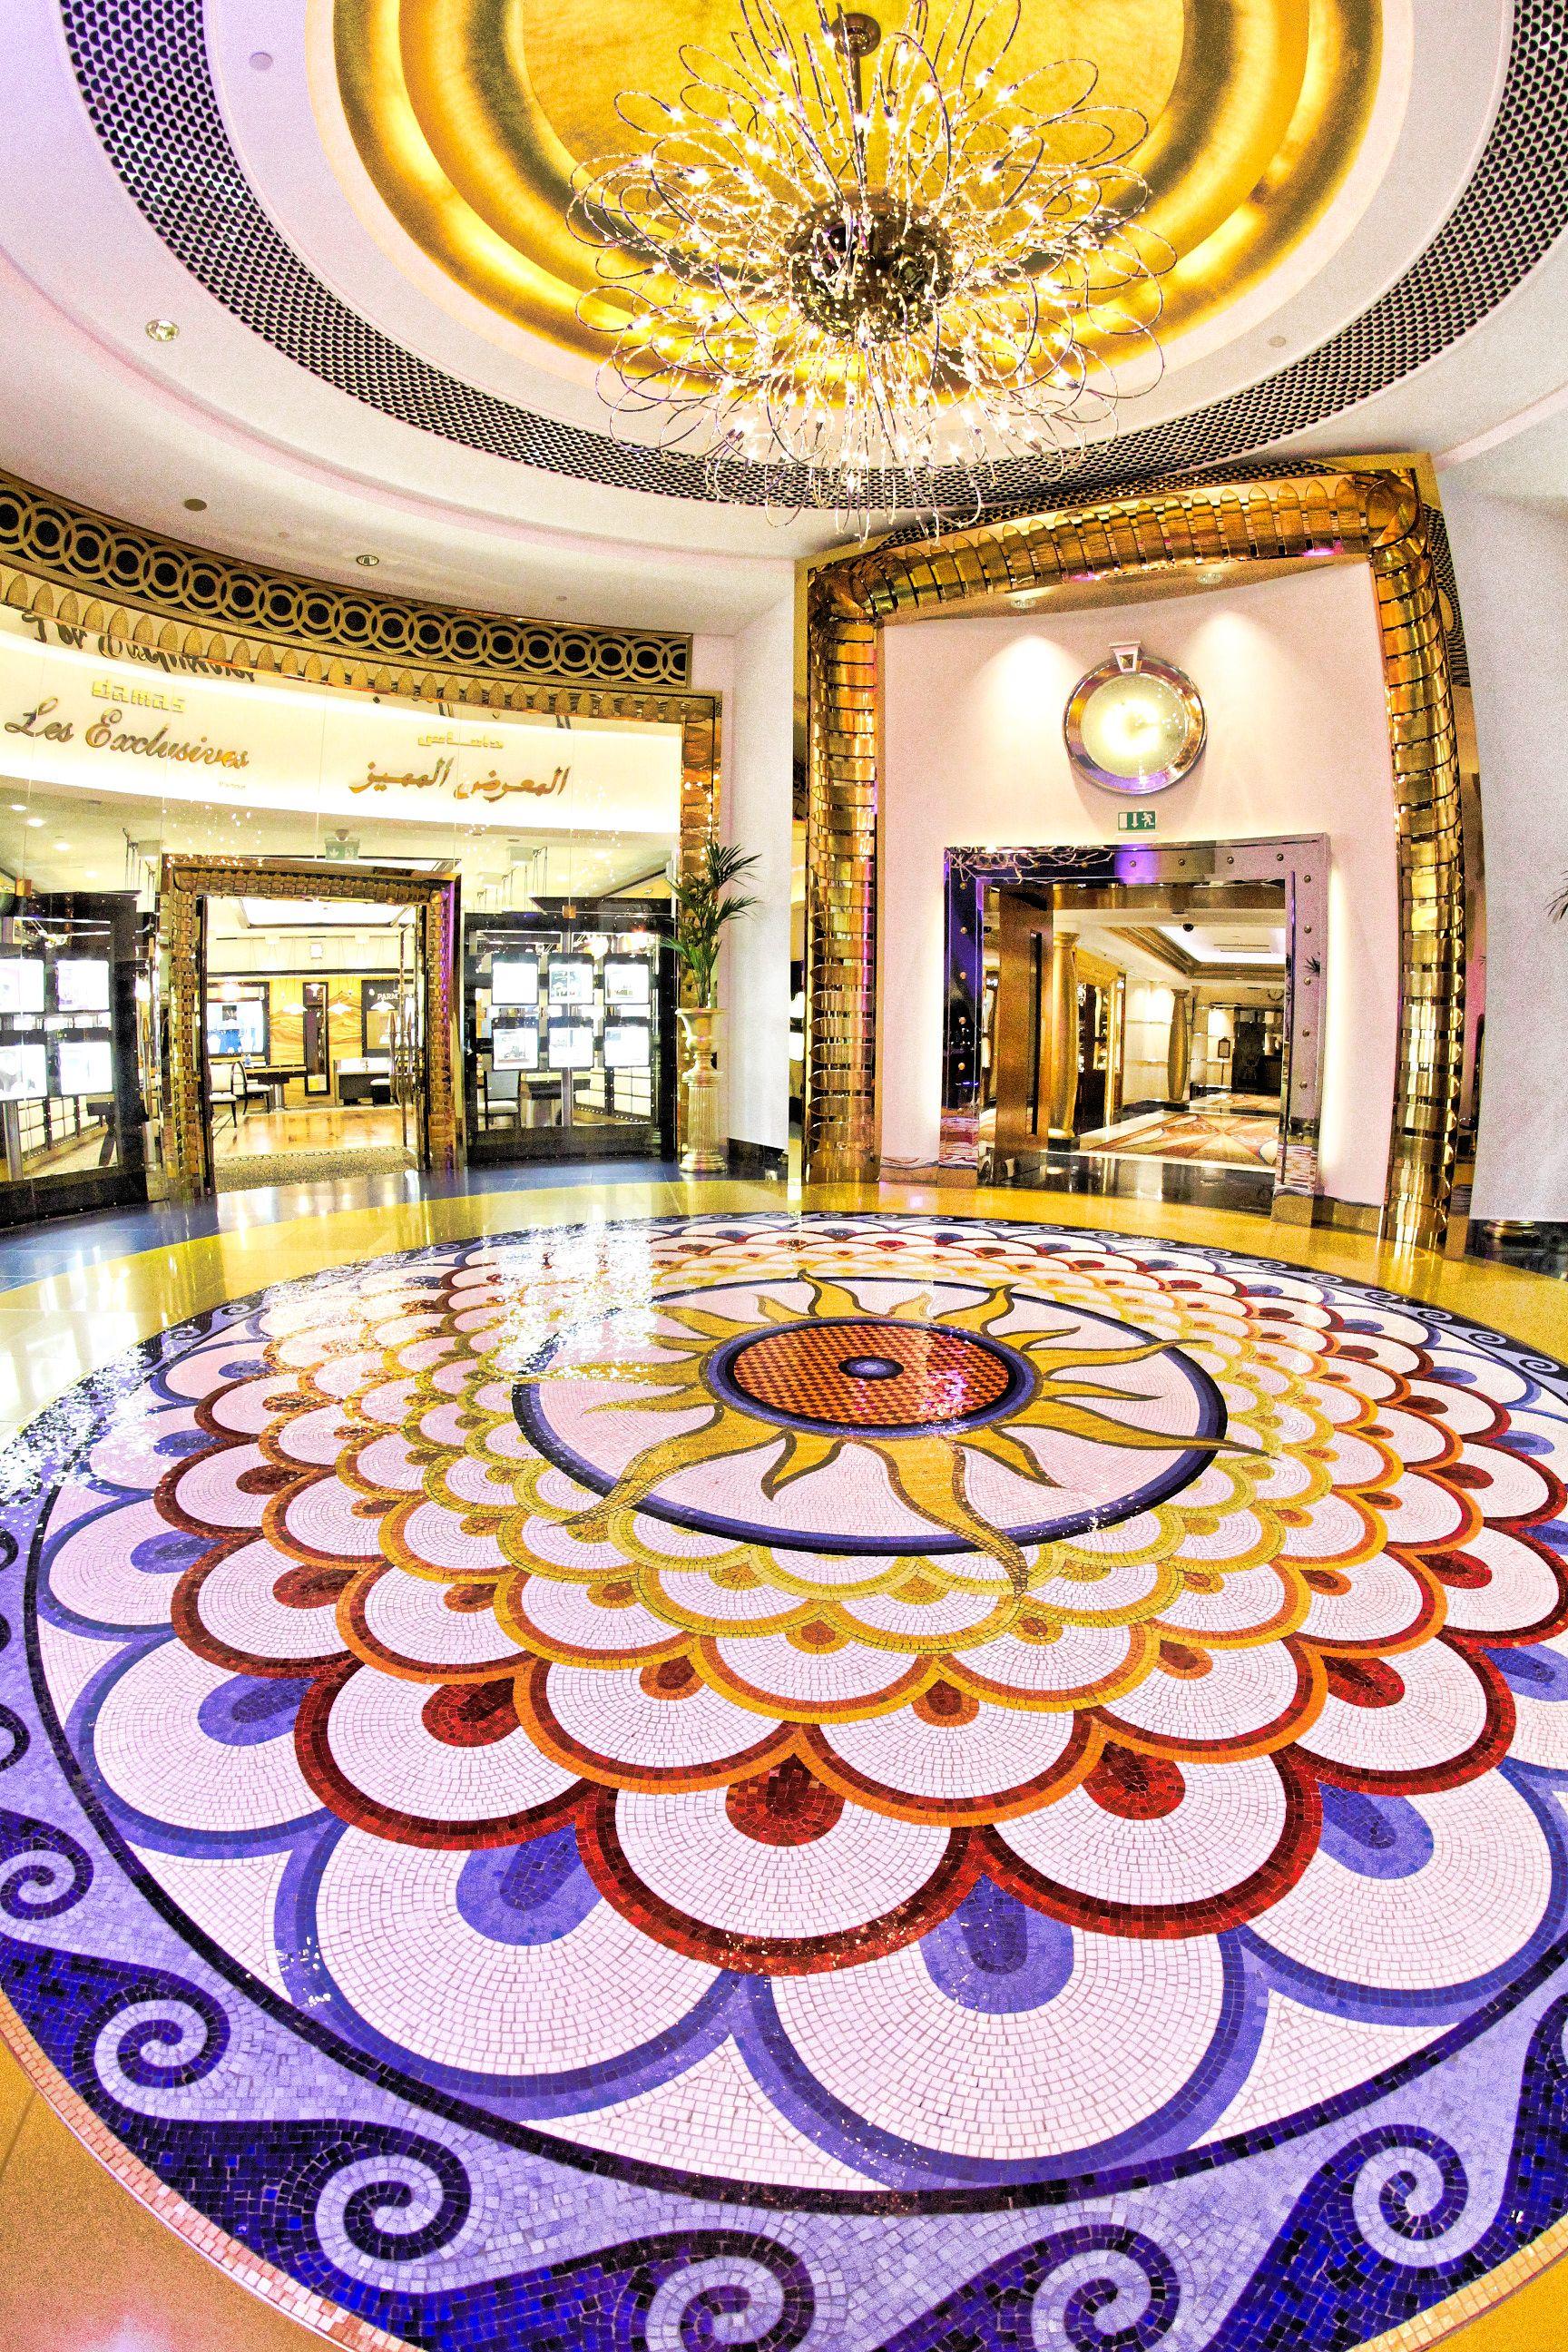 Burj Al Arab Hotel - World's only 7 Star Hotel - - Dubai ...